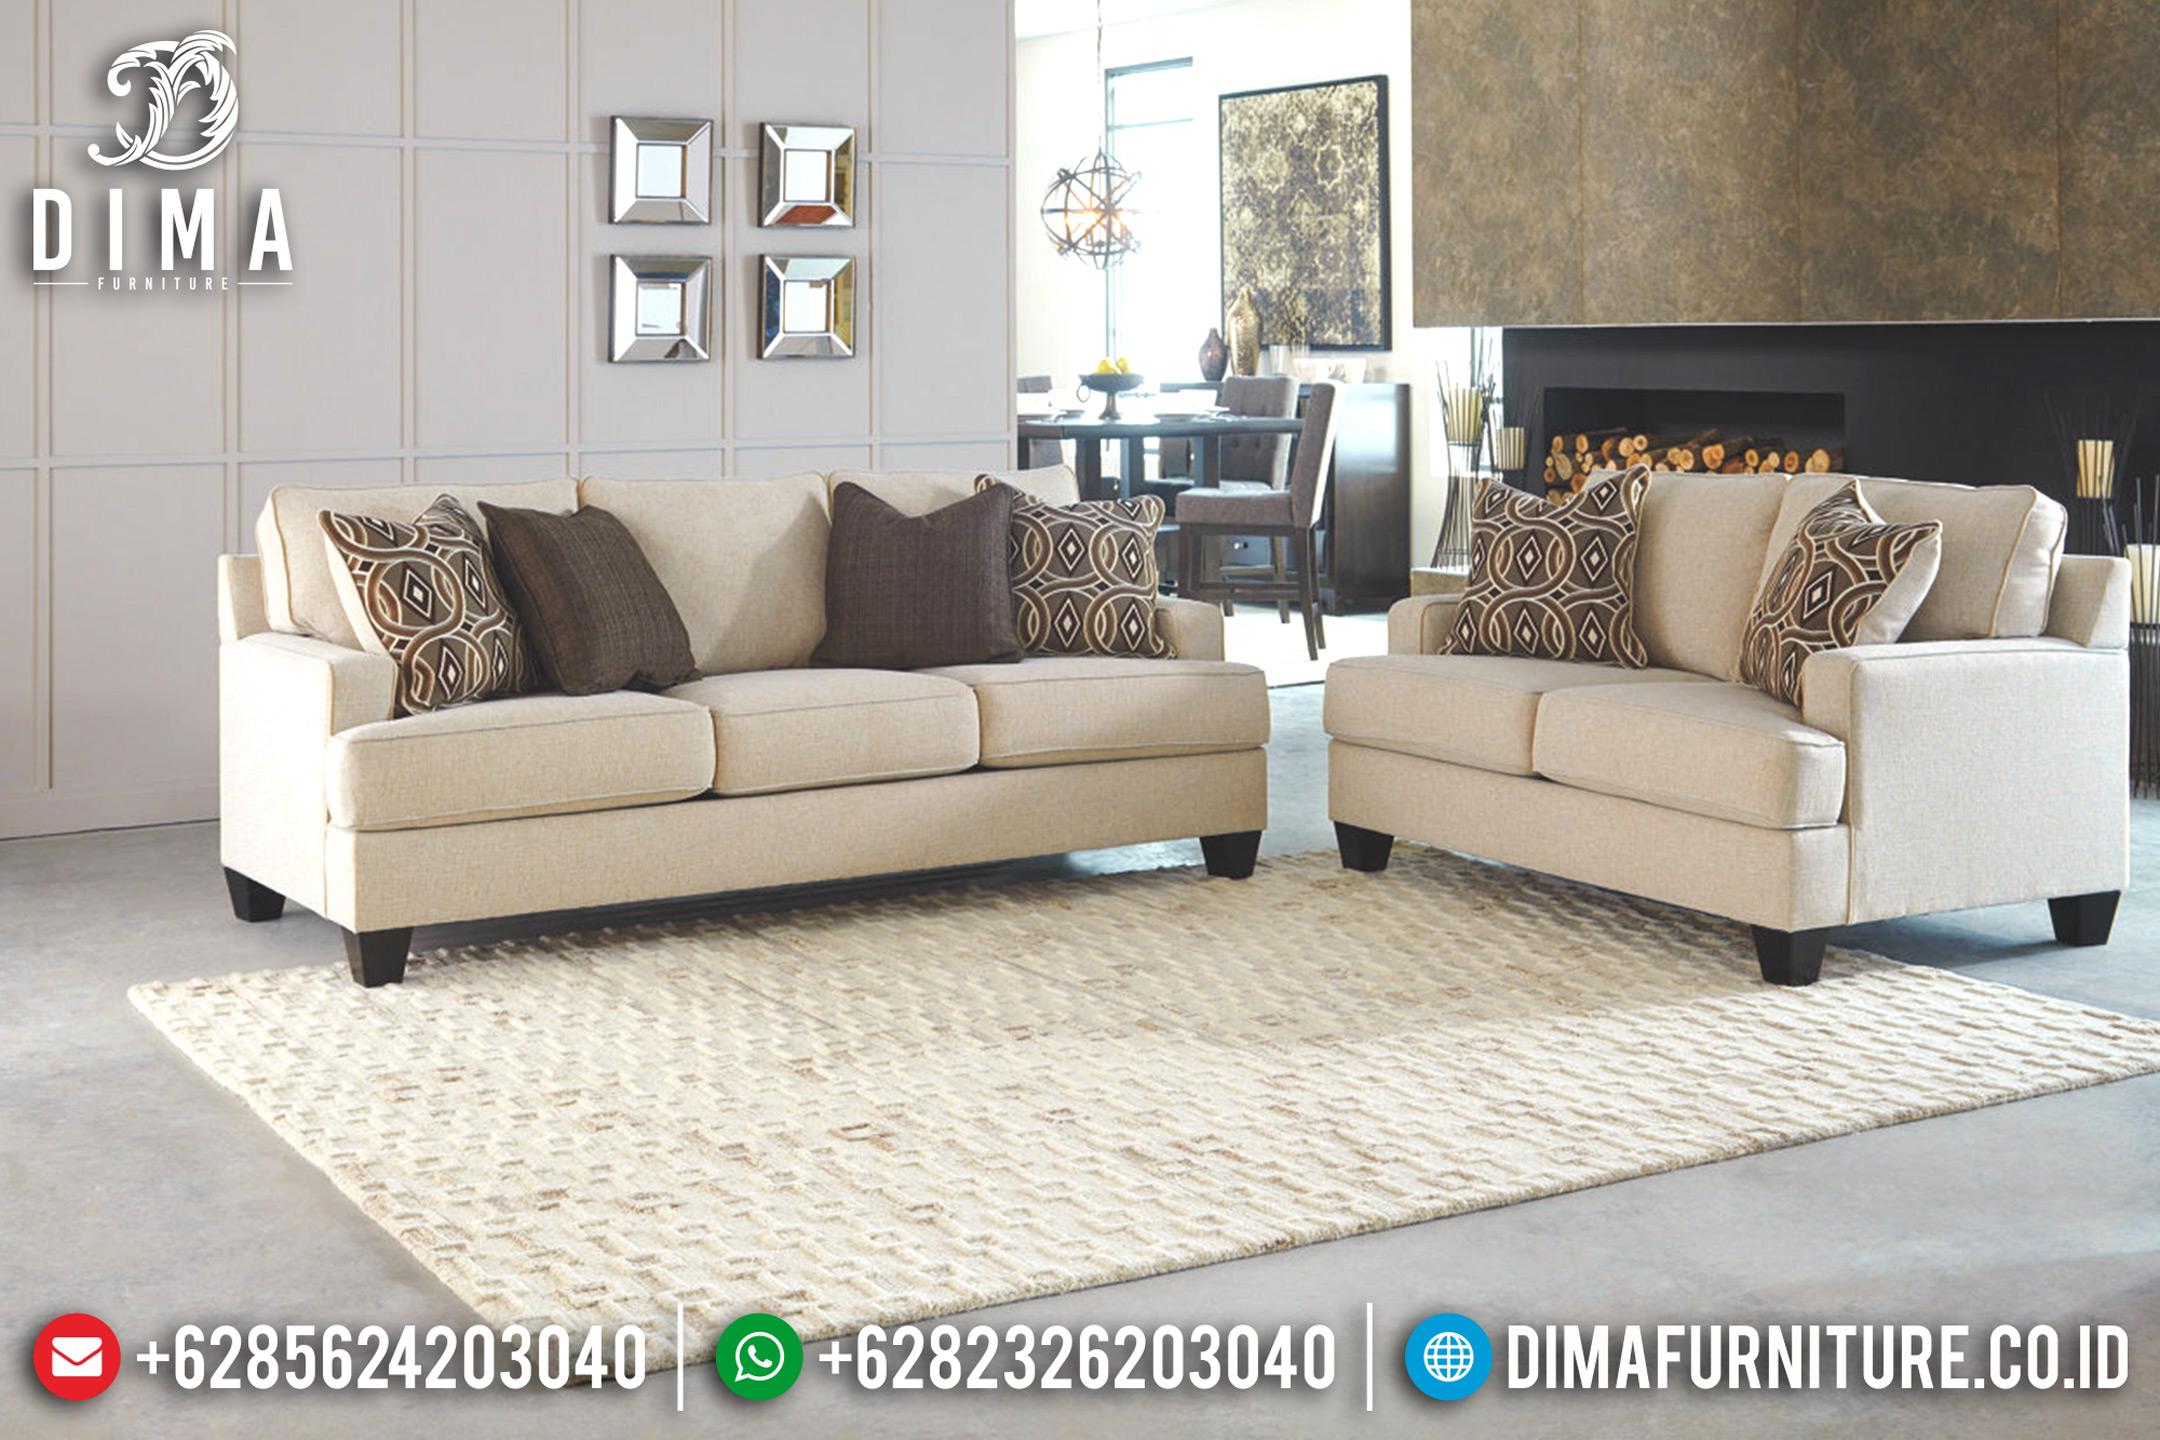 Sofa Tamu Minimalis Jepara, Furniture Indonesia, Sofa Mewah Terbaru DF-0692 Gambar 1